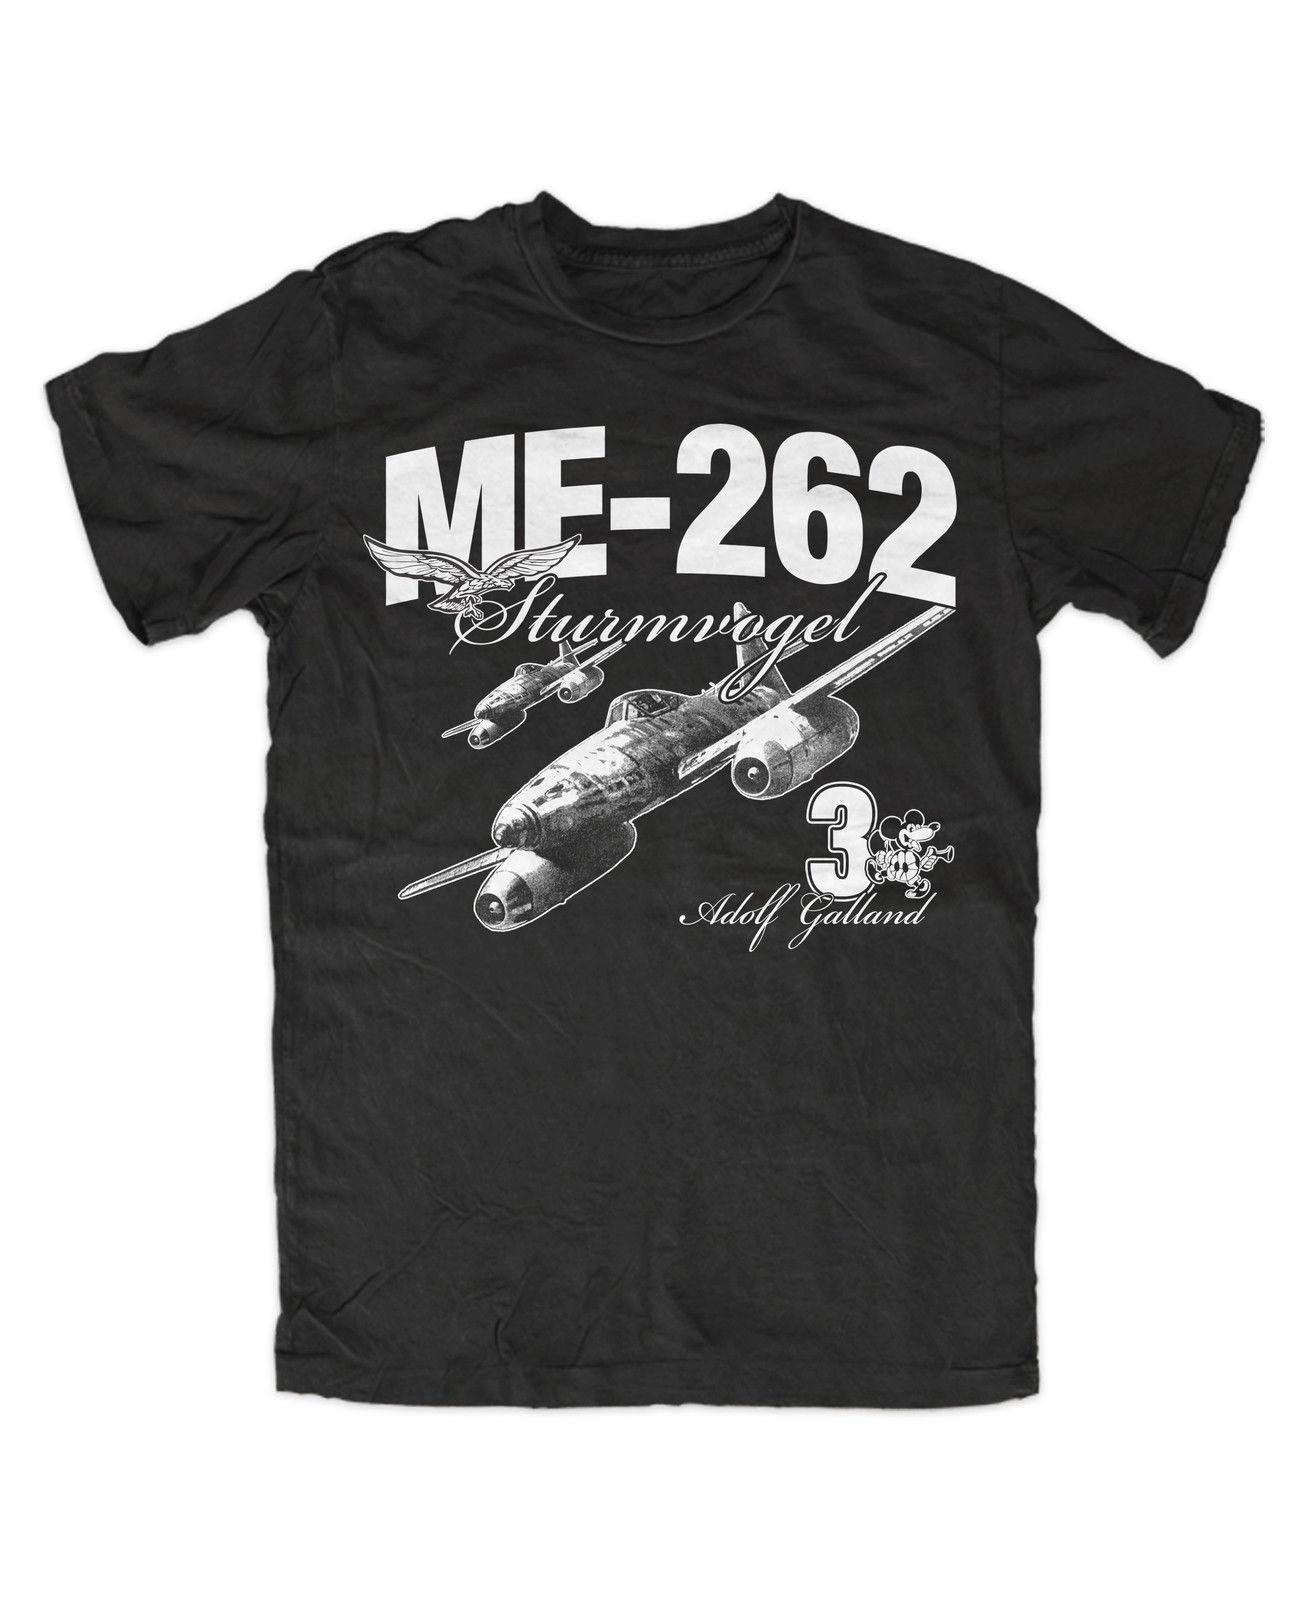 T Shirt Summer Novelty Cartoon T Shirt Me 262 Galland T Shirt Bw Legende Flieger Ass Movie Shirt 032268